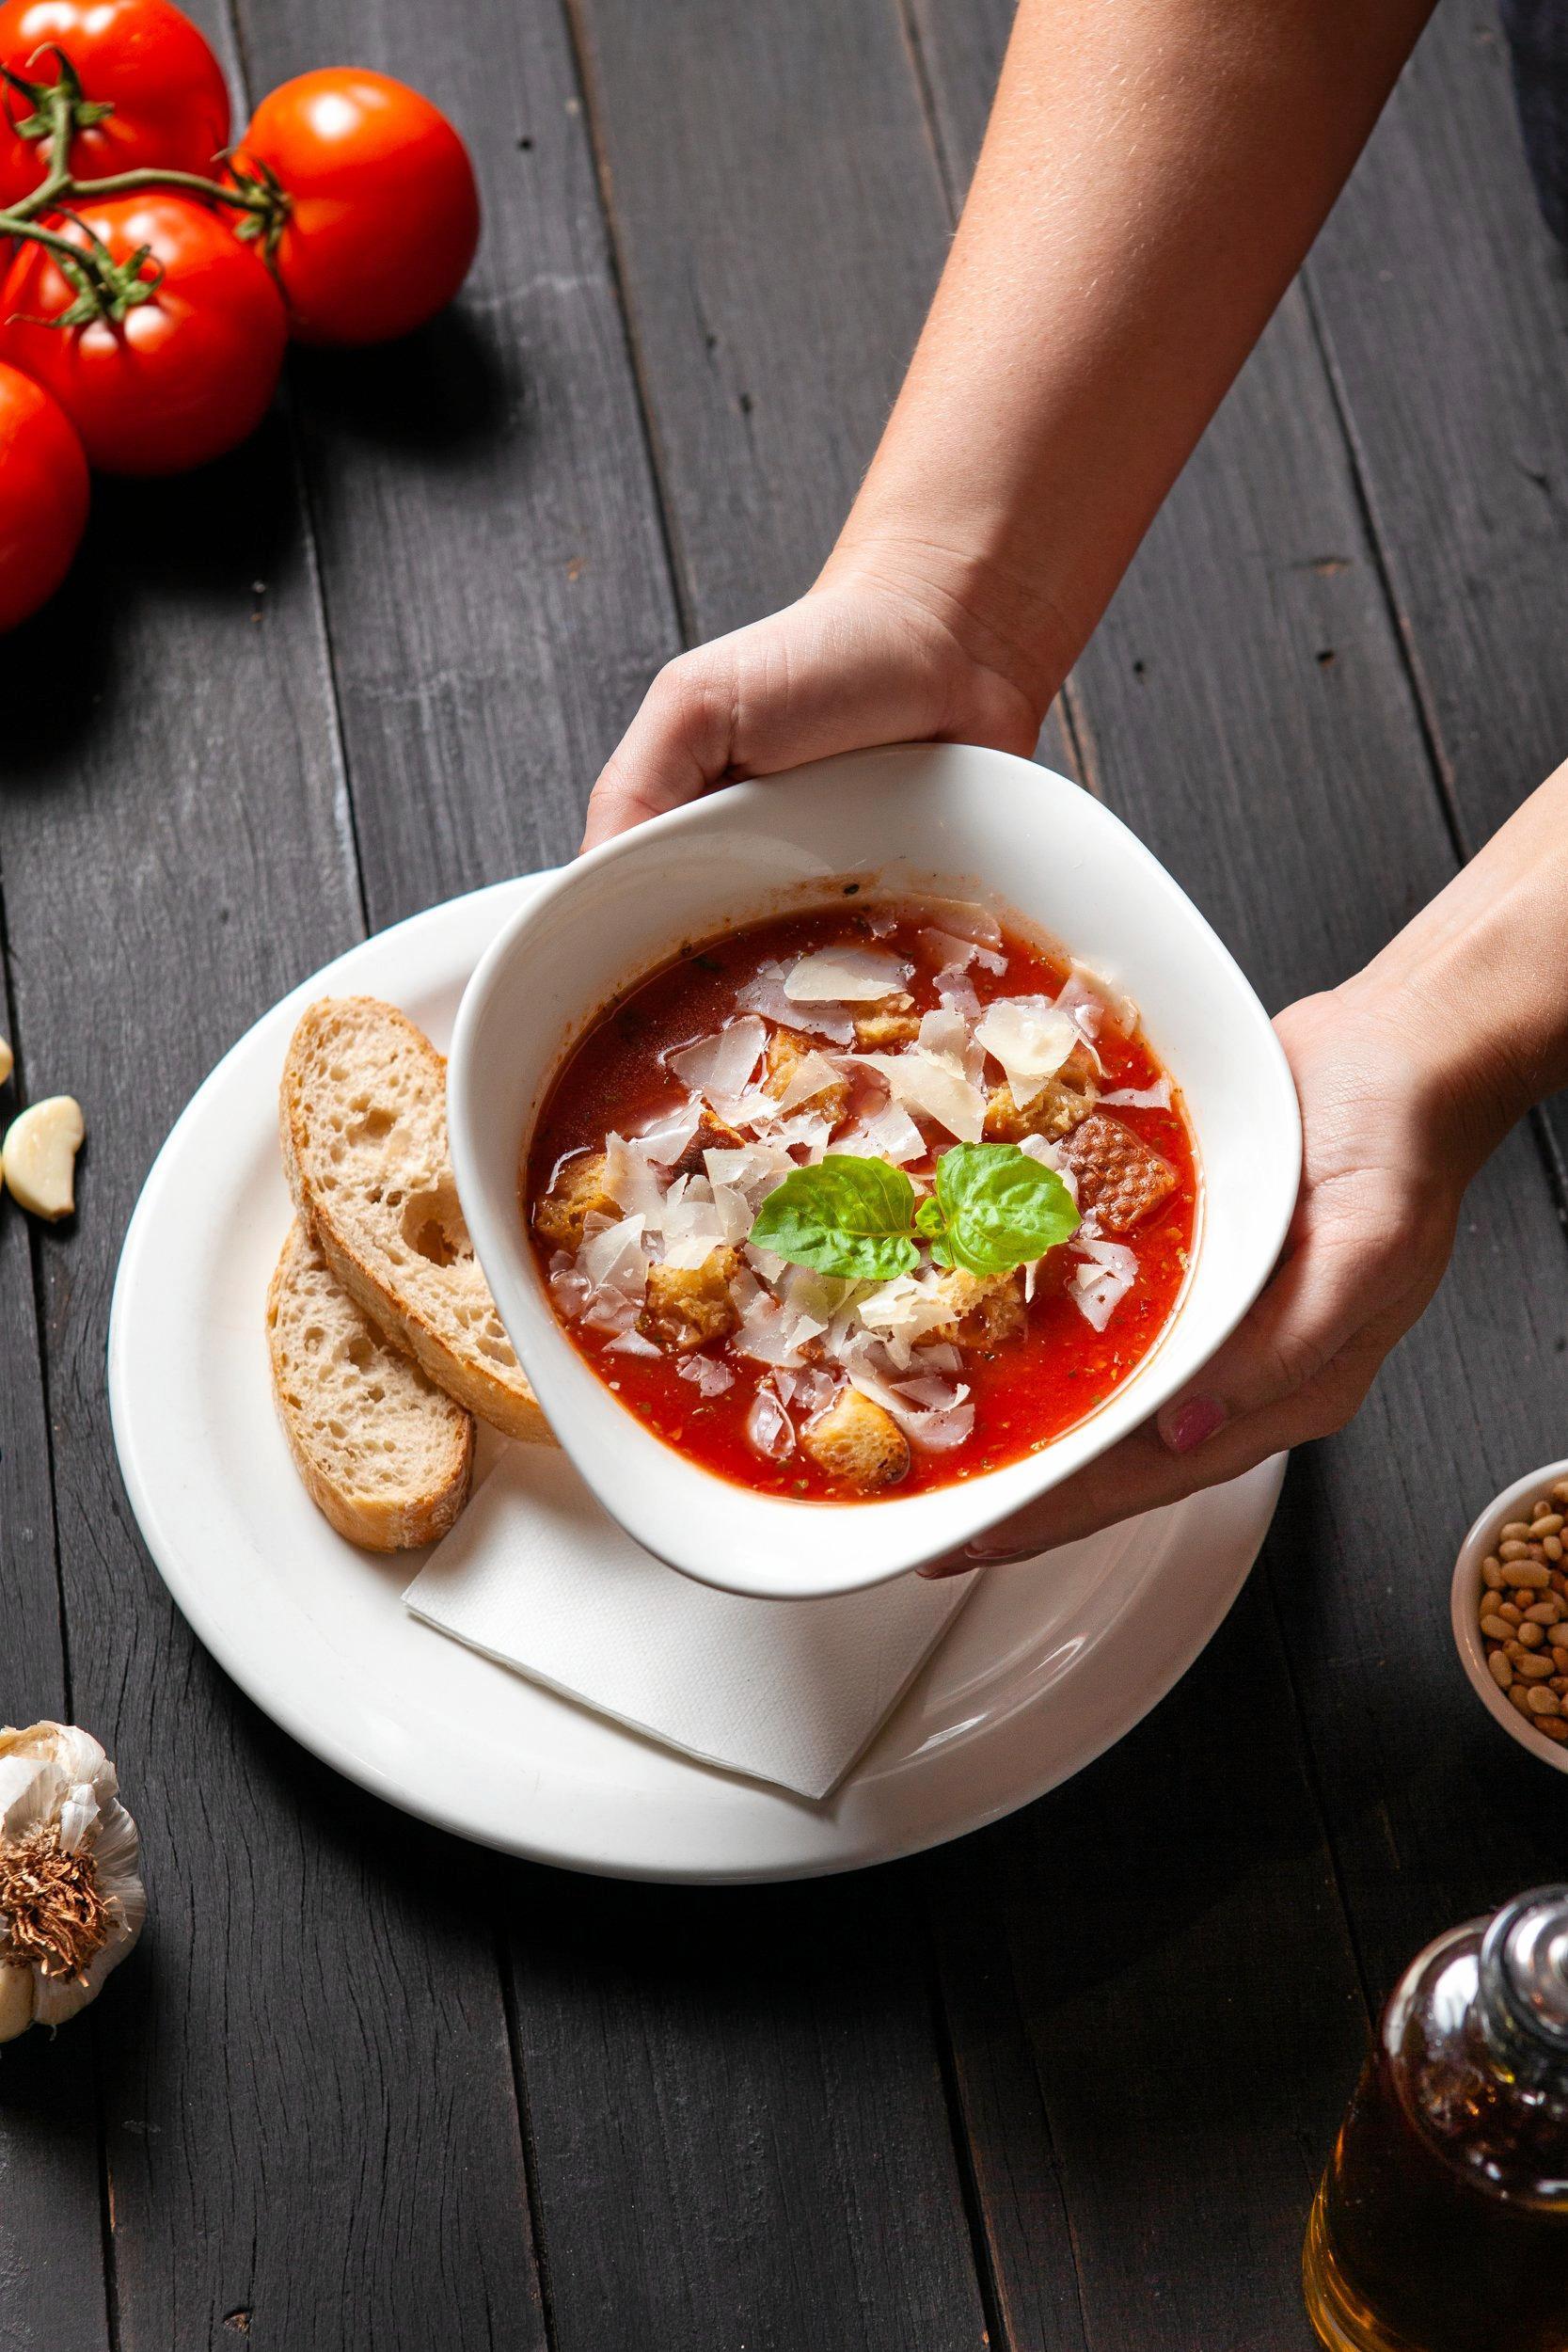 Cheap snacks in Toowoomba. Vapiano tomato soup.